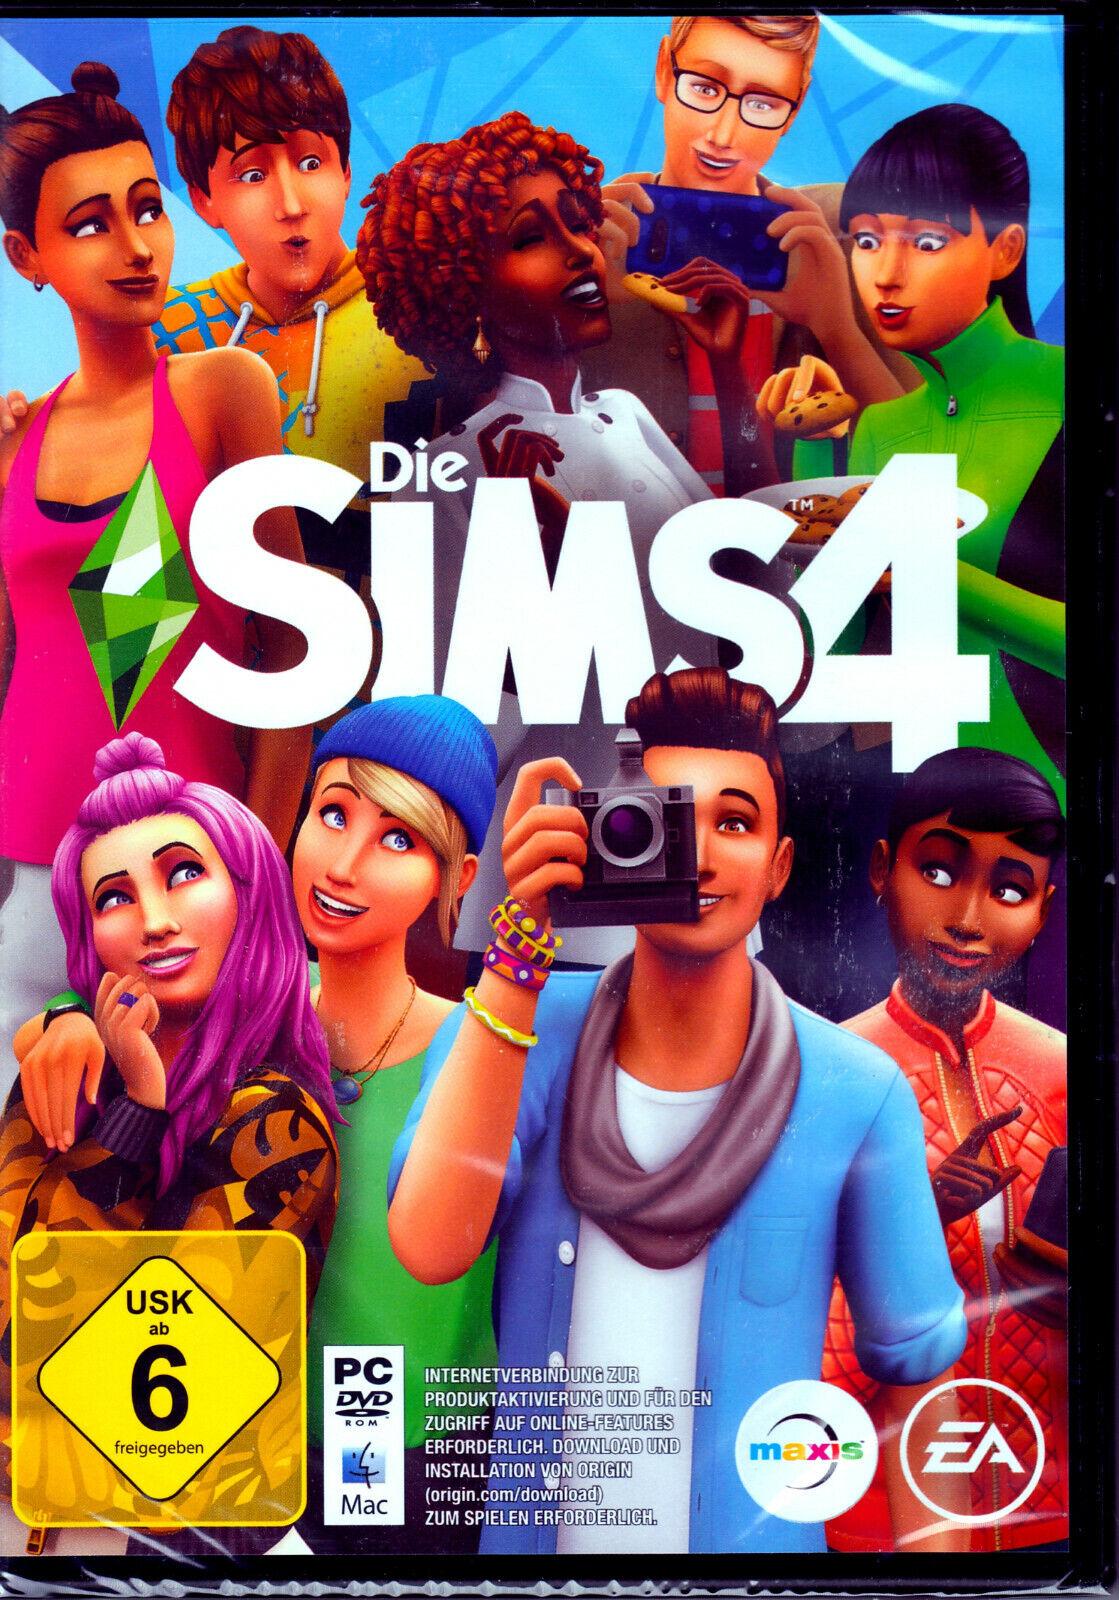 Die Sims 4 PC DVD ROM Mac Spiel Hauptspiel